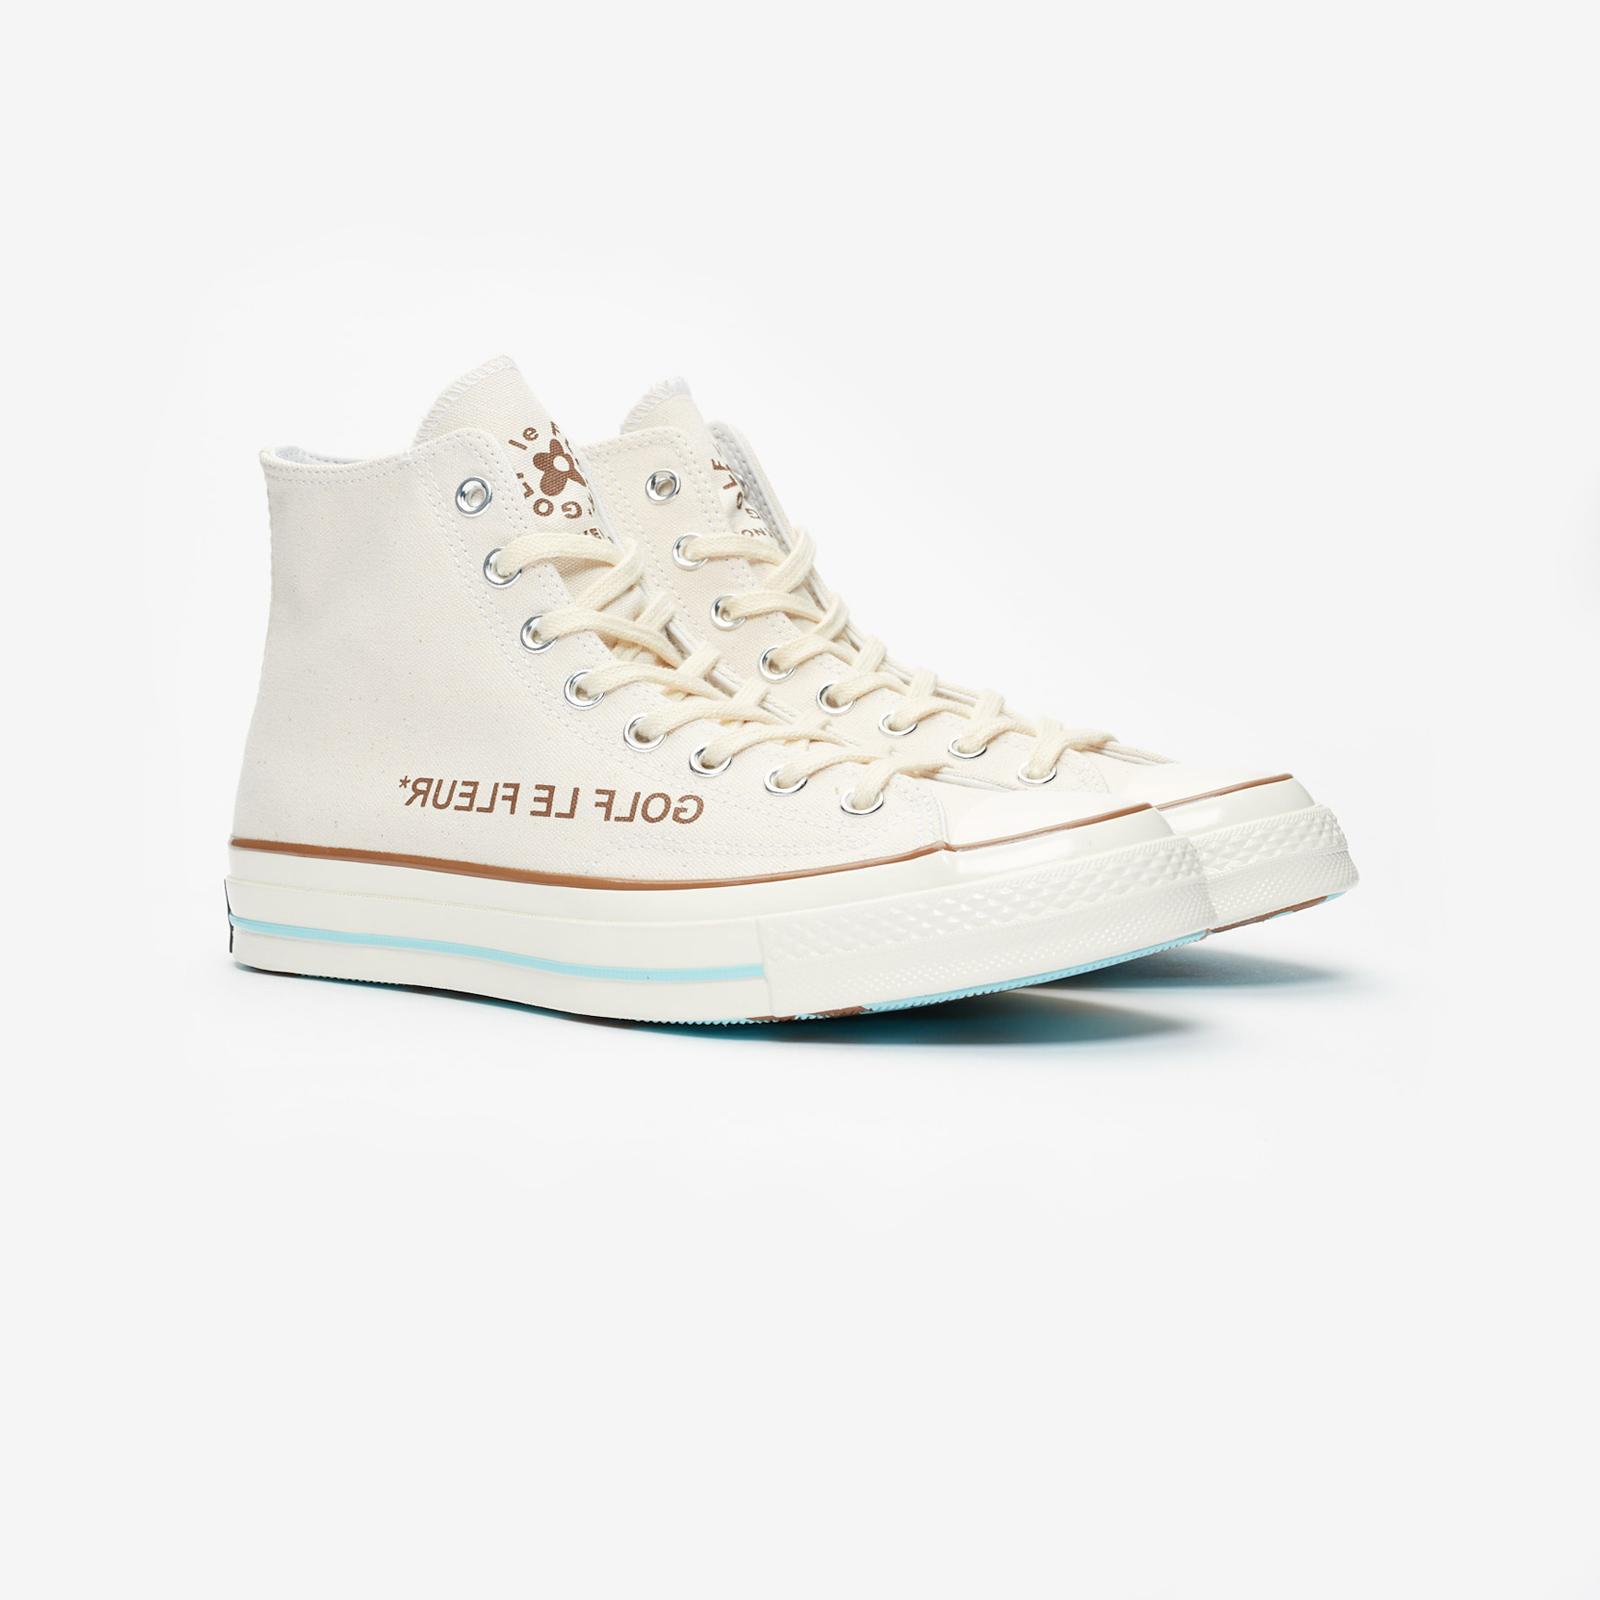 8bb074416657 Converse Chuck 70 Hi x Golf Le Fleur - 163170c - Sneakersnstuff ...